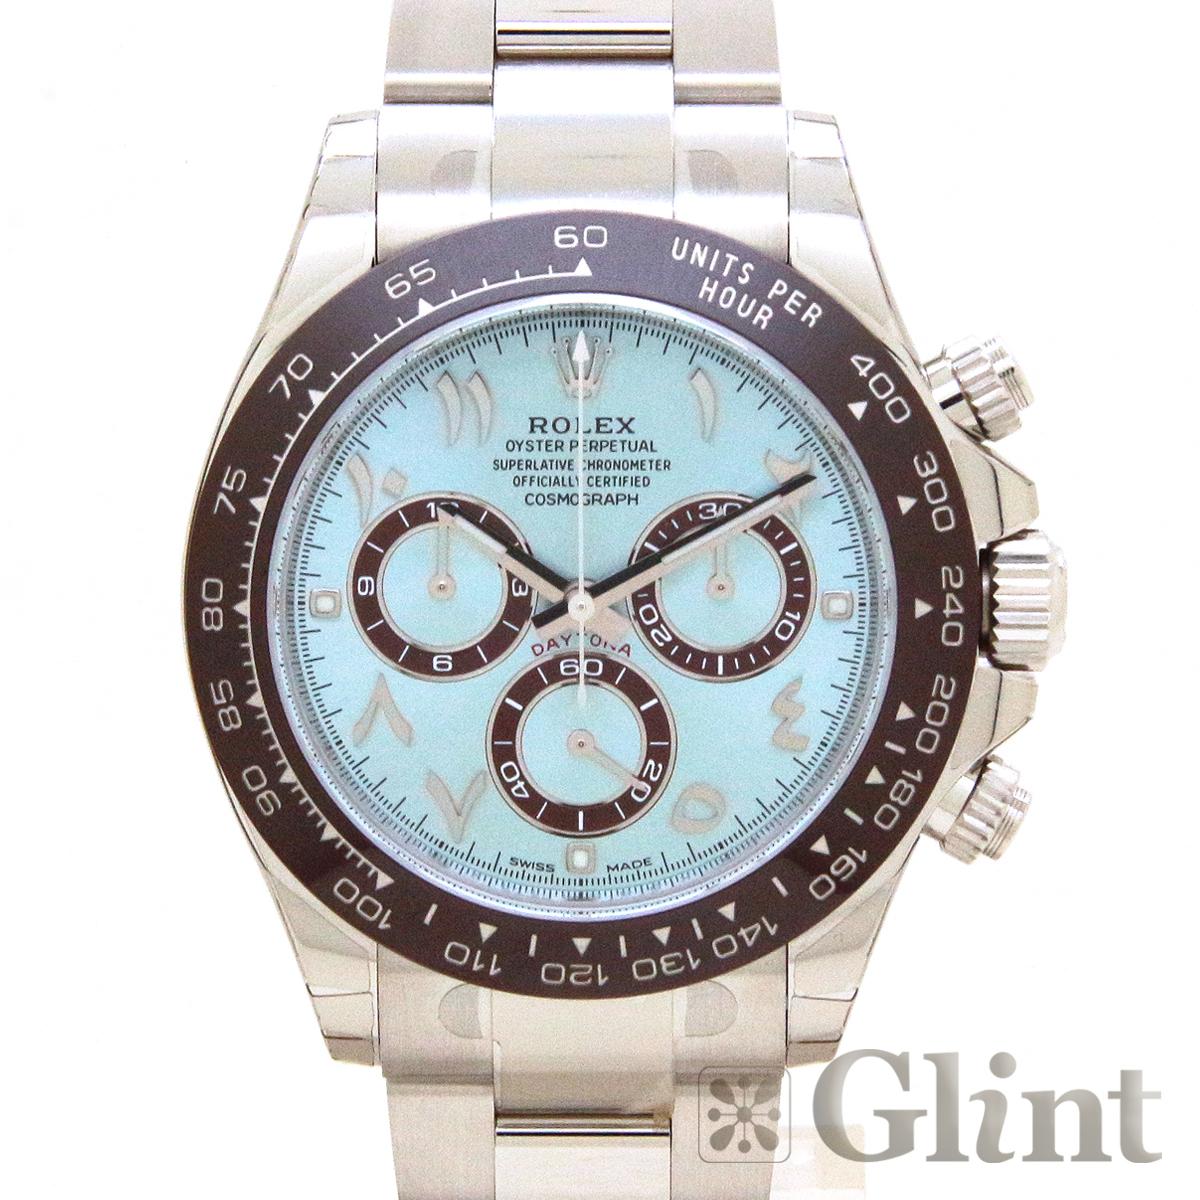 ロレックス(ROLEX)デイトナ プラチナ アイスブルー ラビックダイヤル 116506〔腕時計〕〔メンズ〕〔2018年11月/ランダムシリアル〕〔海外限定〕〔新品〕